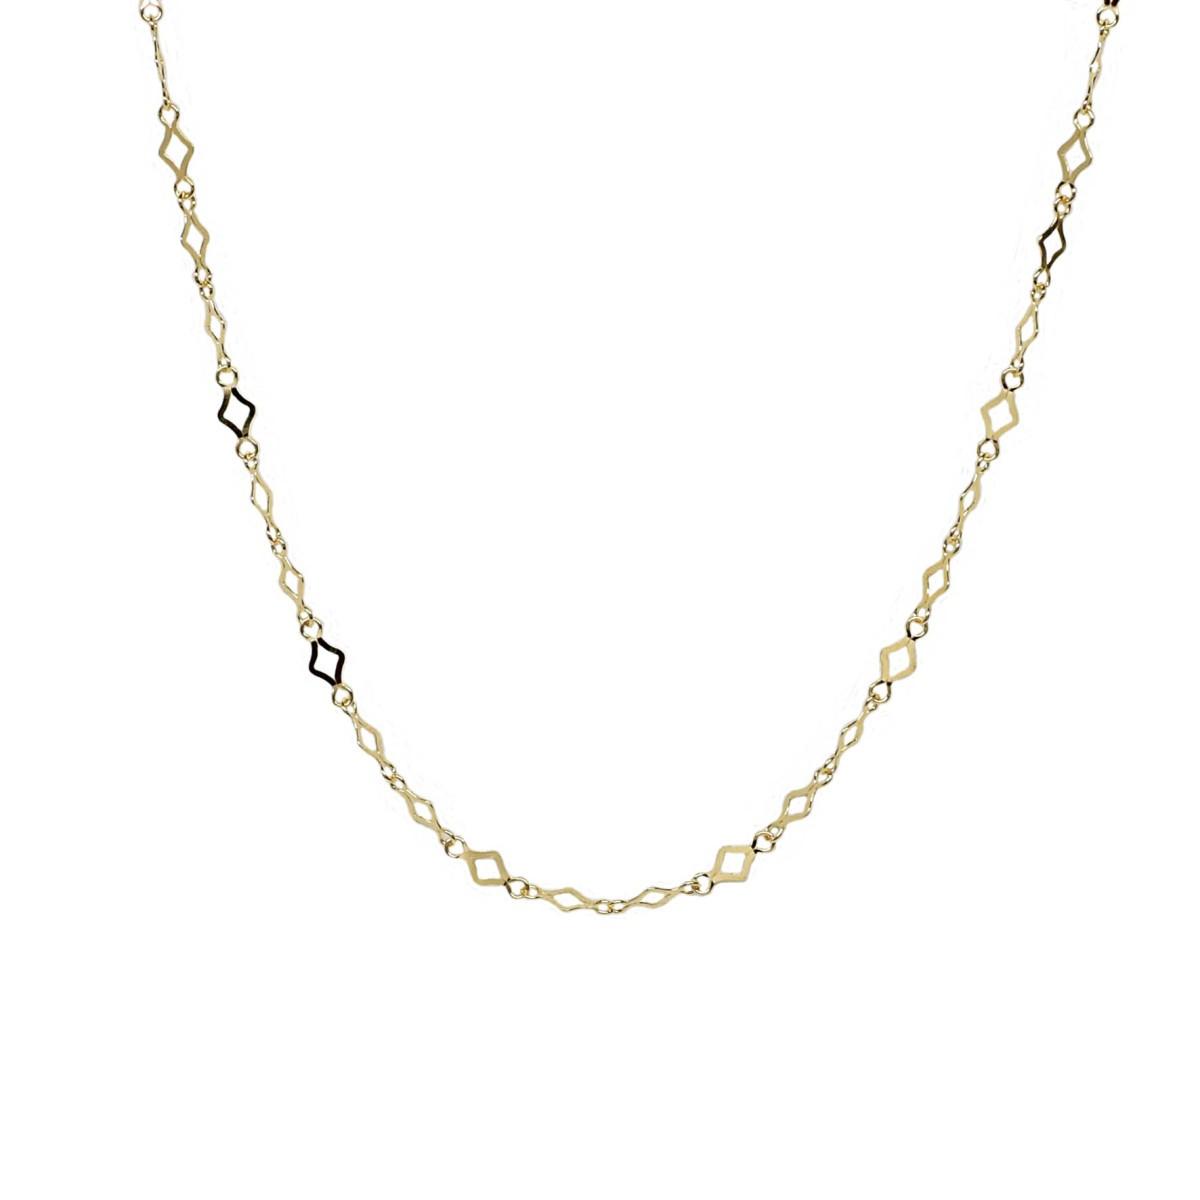 K18 18金 スパークルチェーン デザインネックレス 約1.6g 40cm